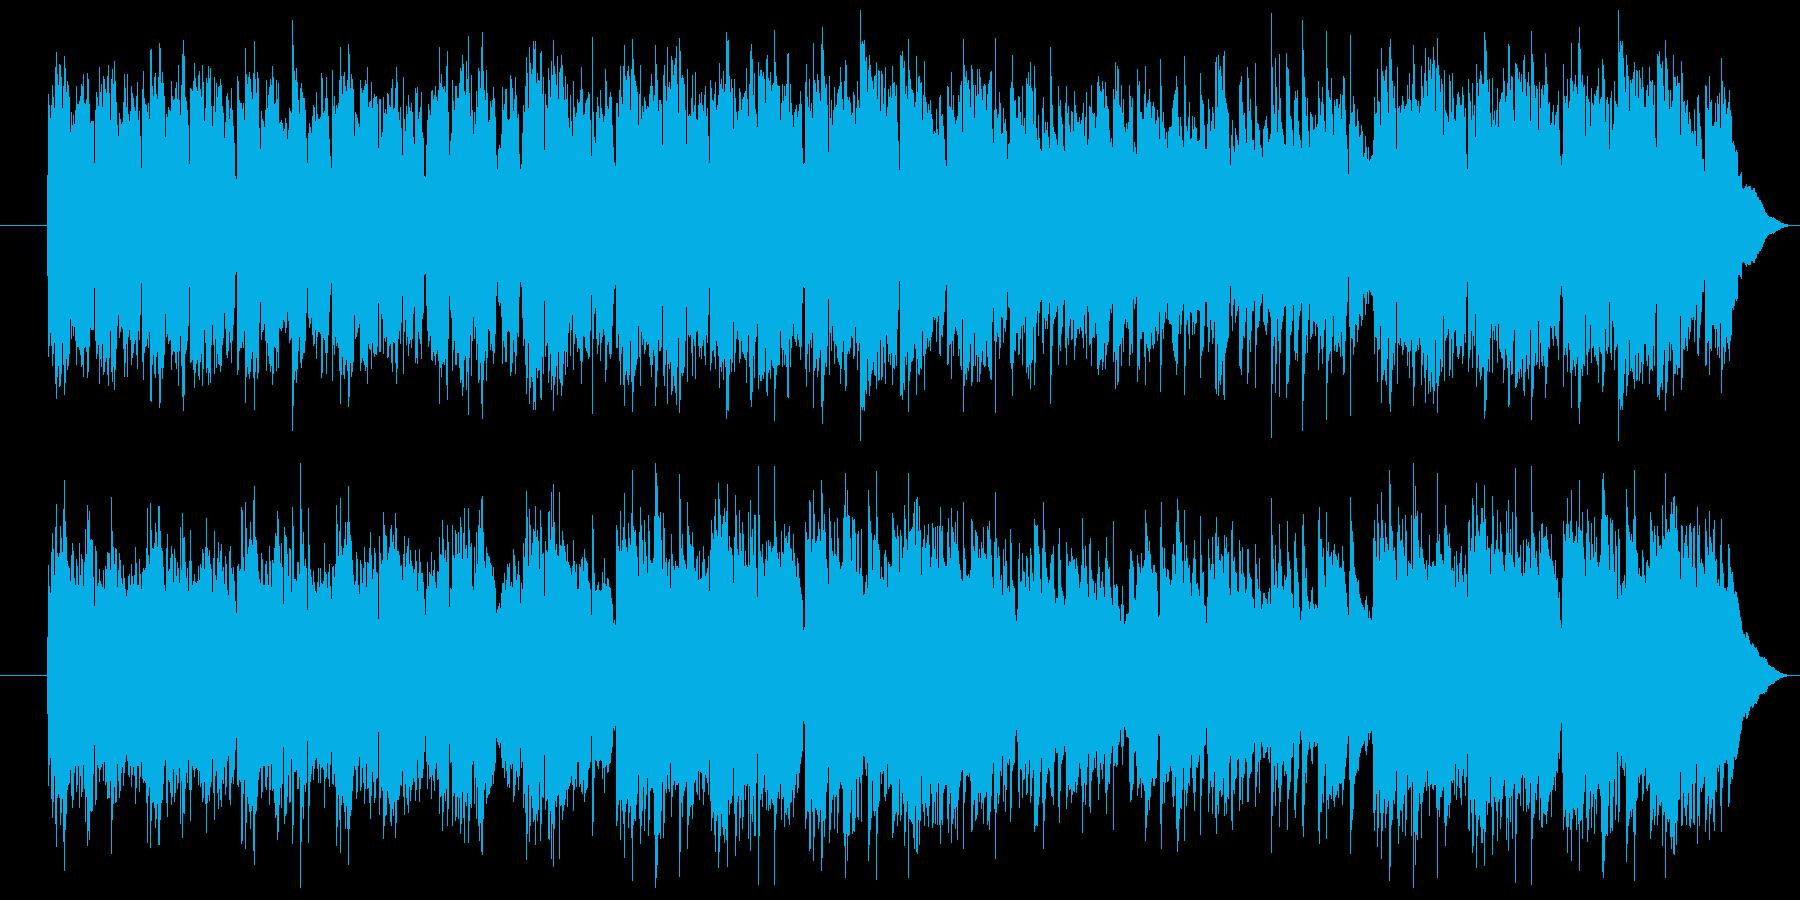 様々な用途で使える優雅なピアノソロ曲の再生済みの波形